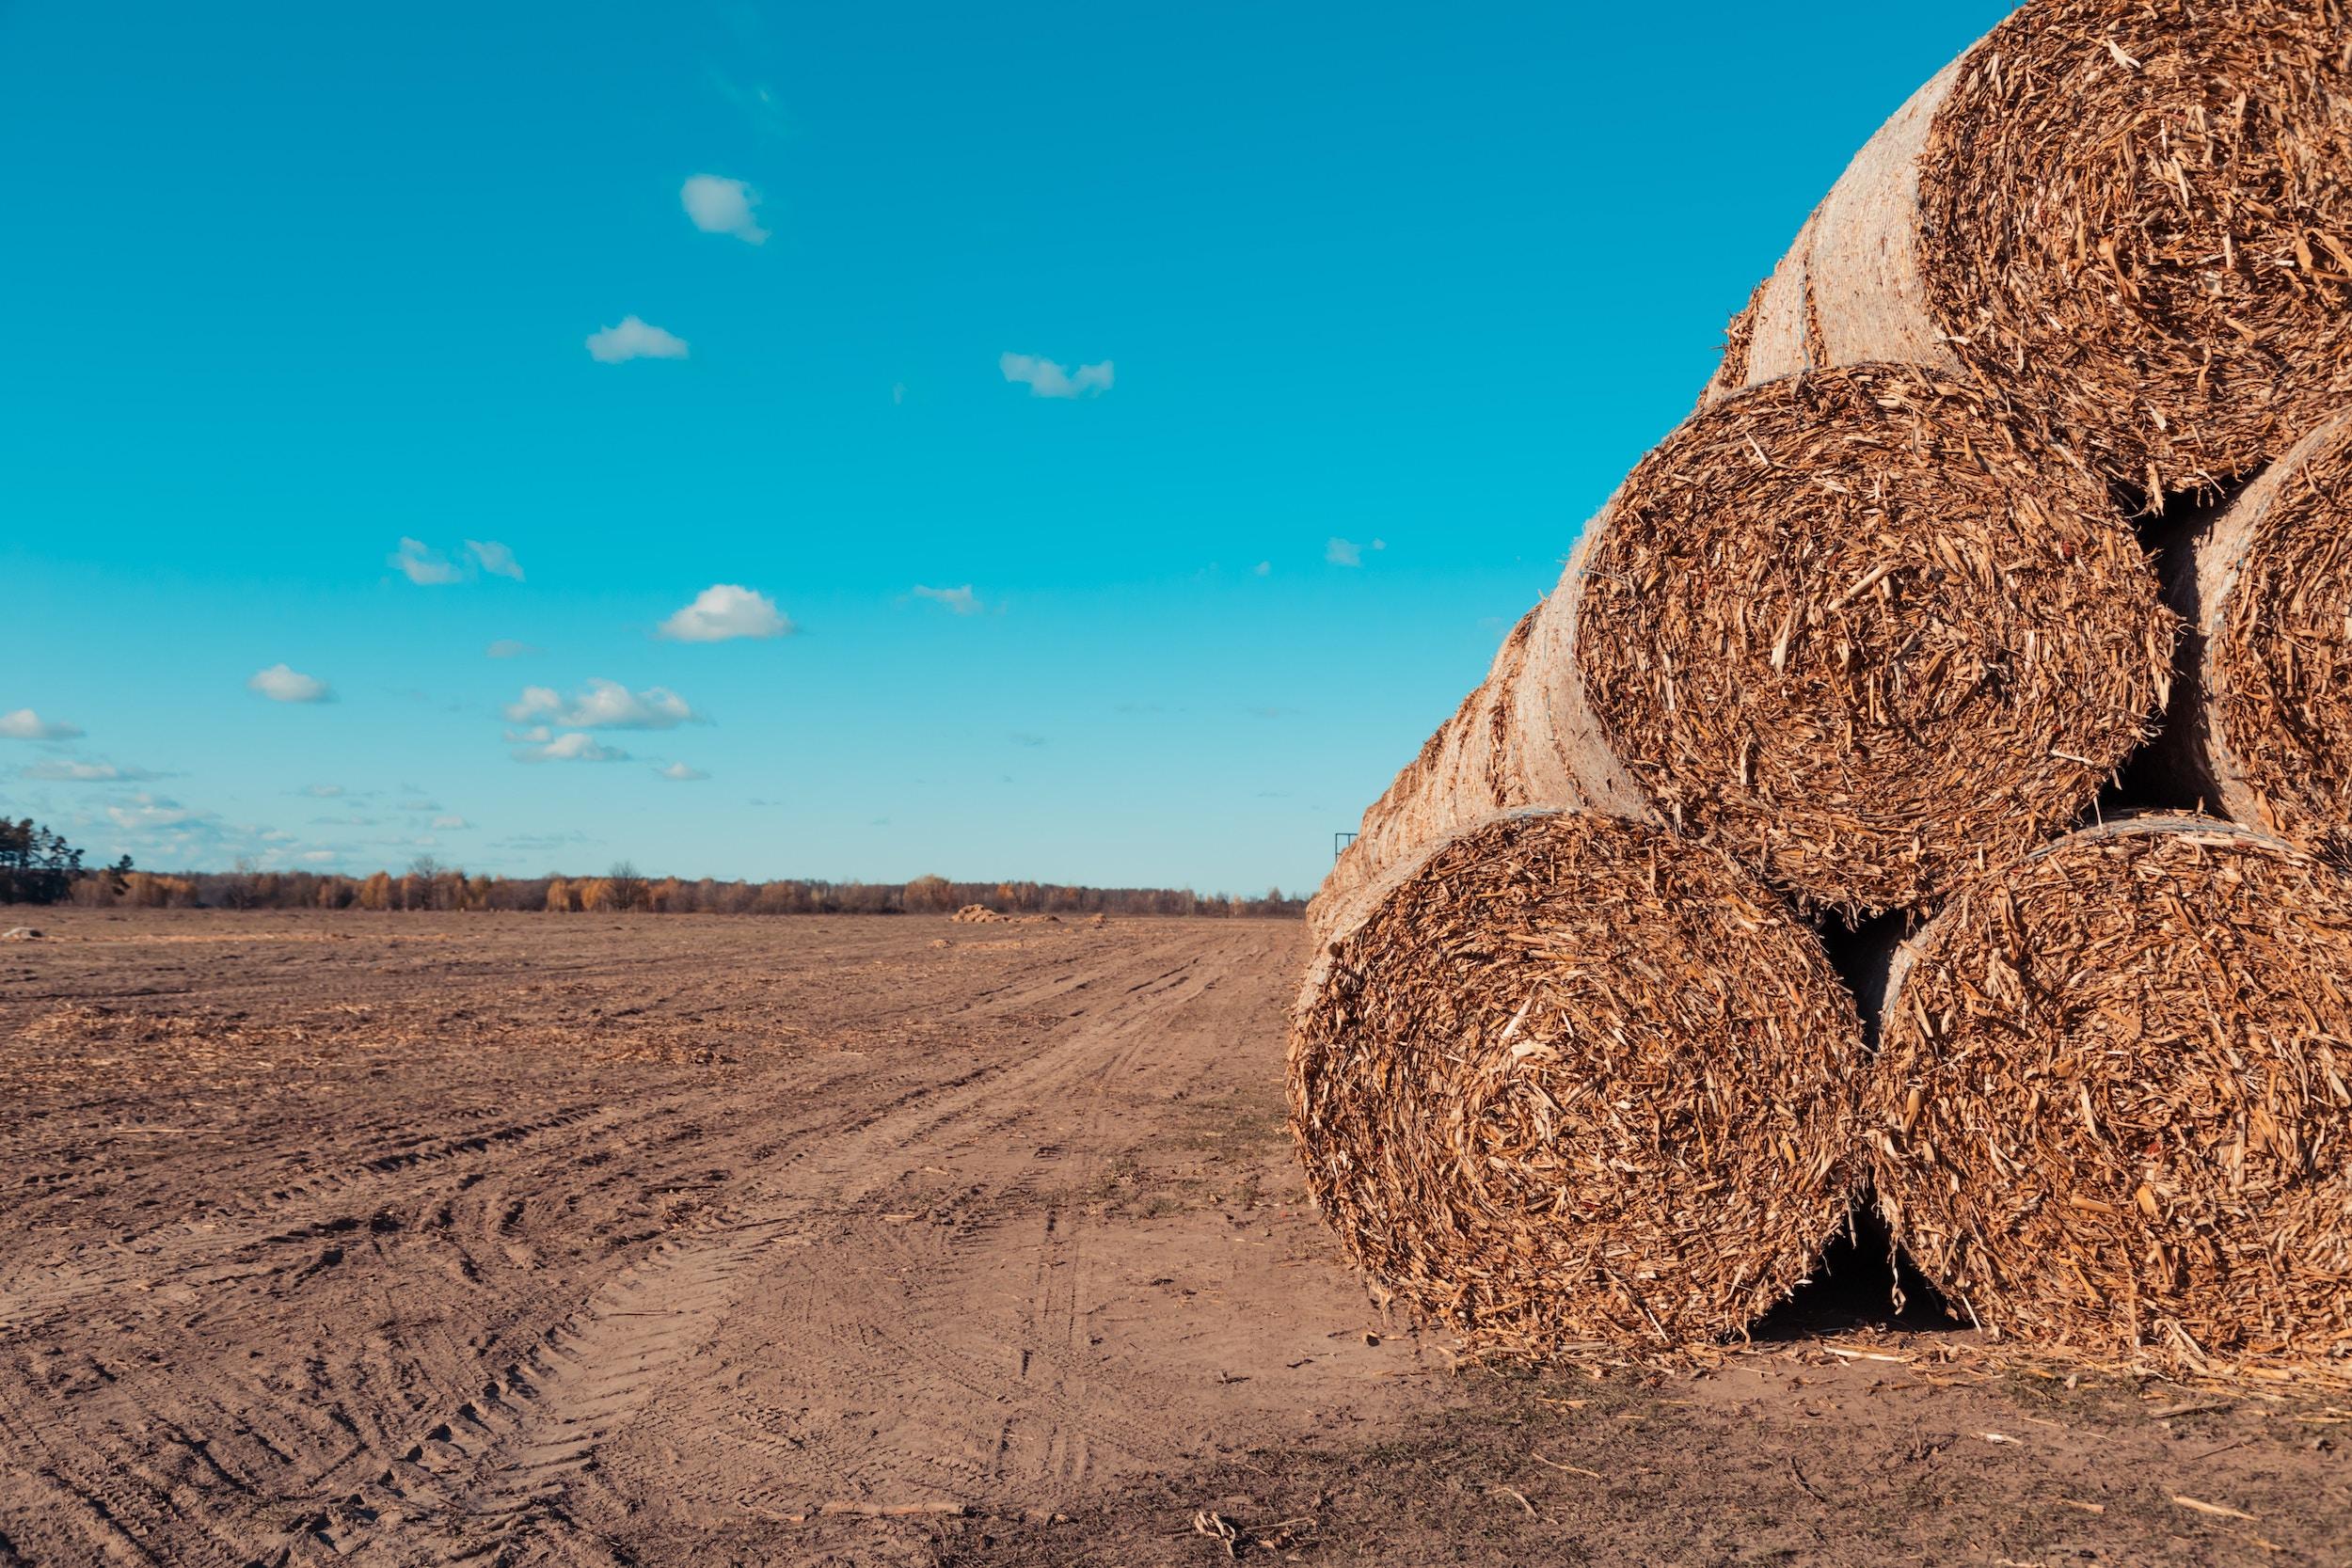 Zastosowanie ciągnika rolniczego w każdym gospodarstwie rolnym